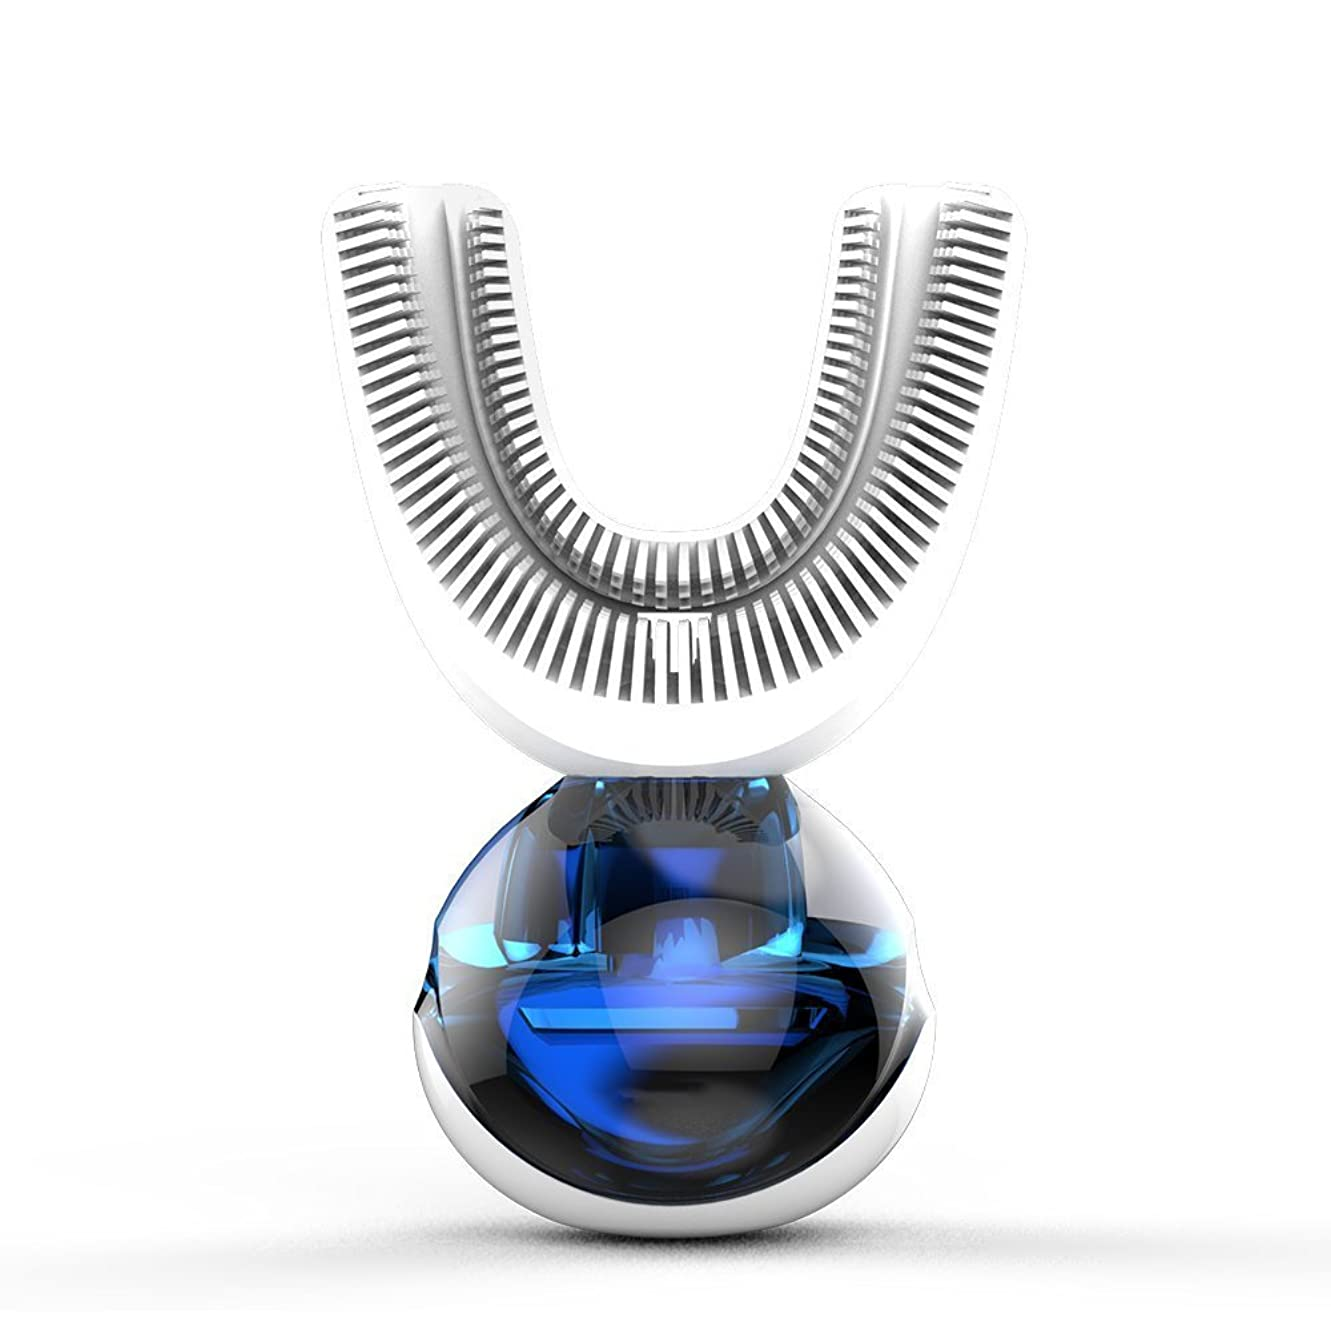 リットル言及する文庫本フルオートマチック可変周波数電動歯ブラシ、自動360度U字型電動歯ブラシ、ワイヤレス充電IPX7防水自動歯ブラシ(大人用)